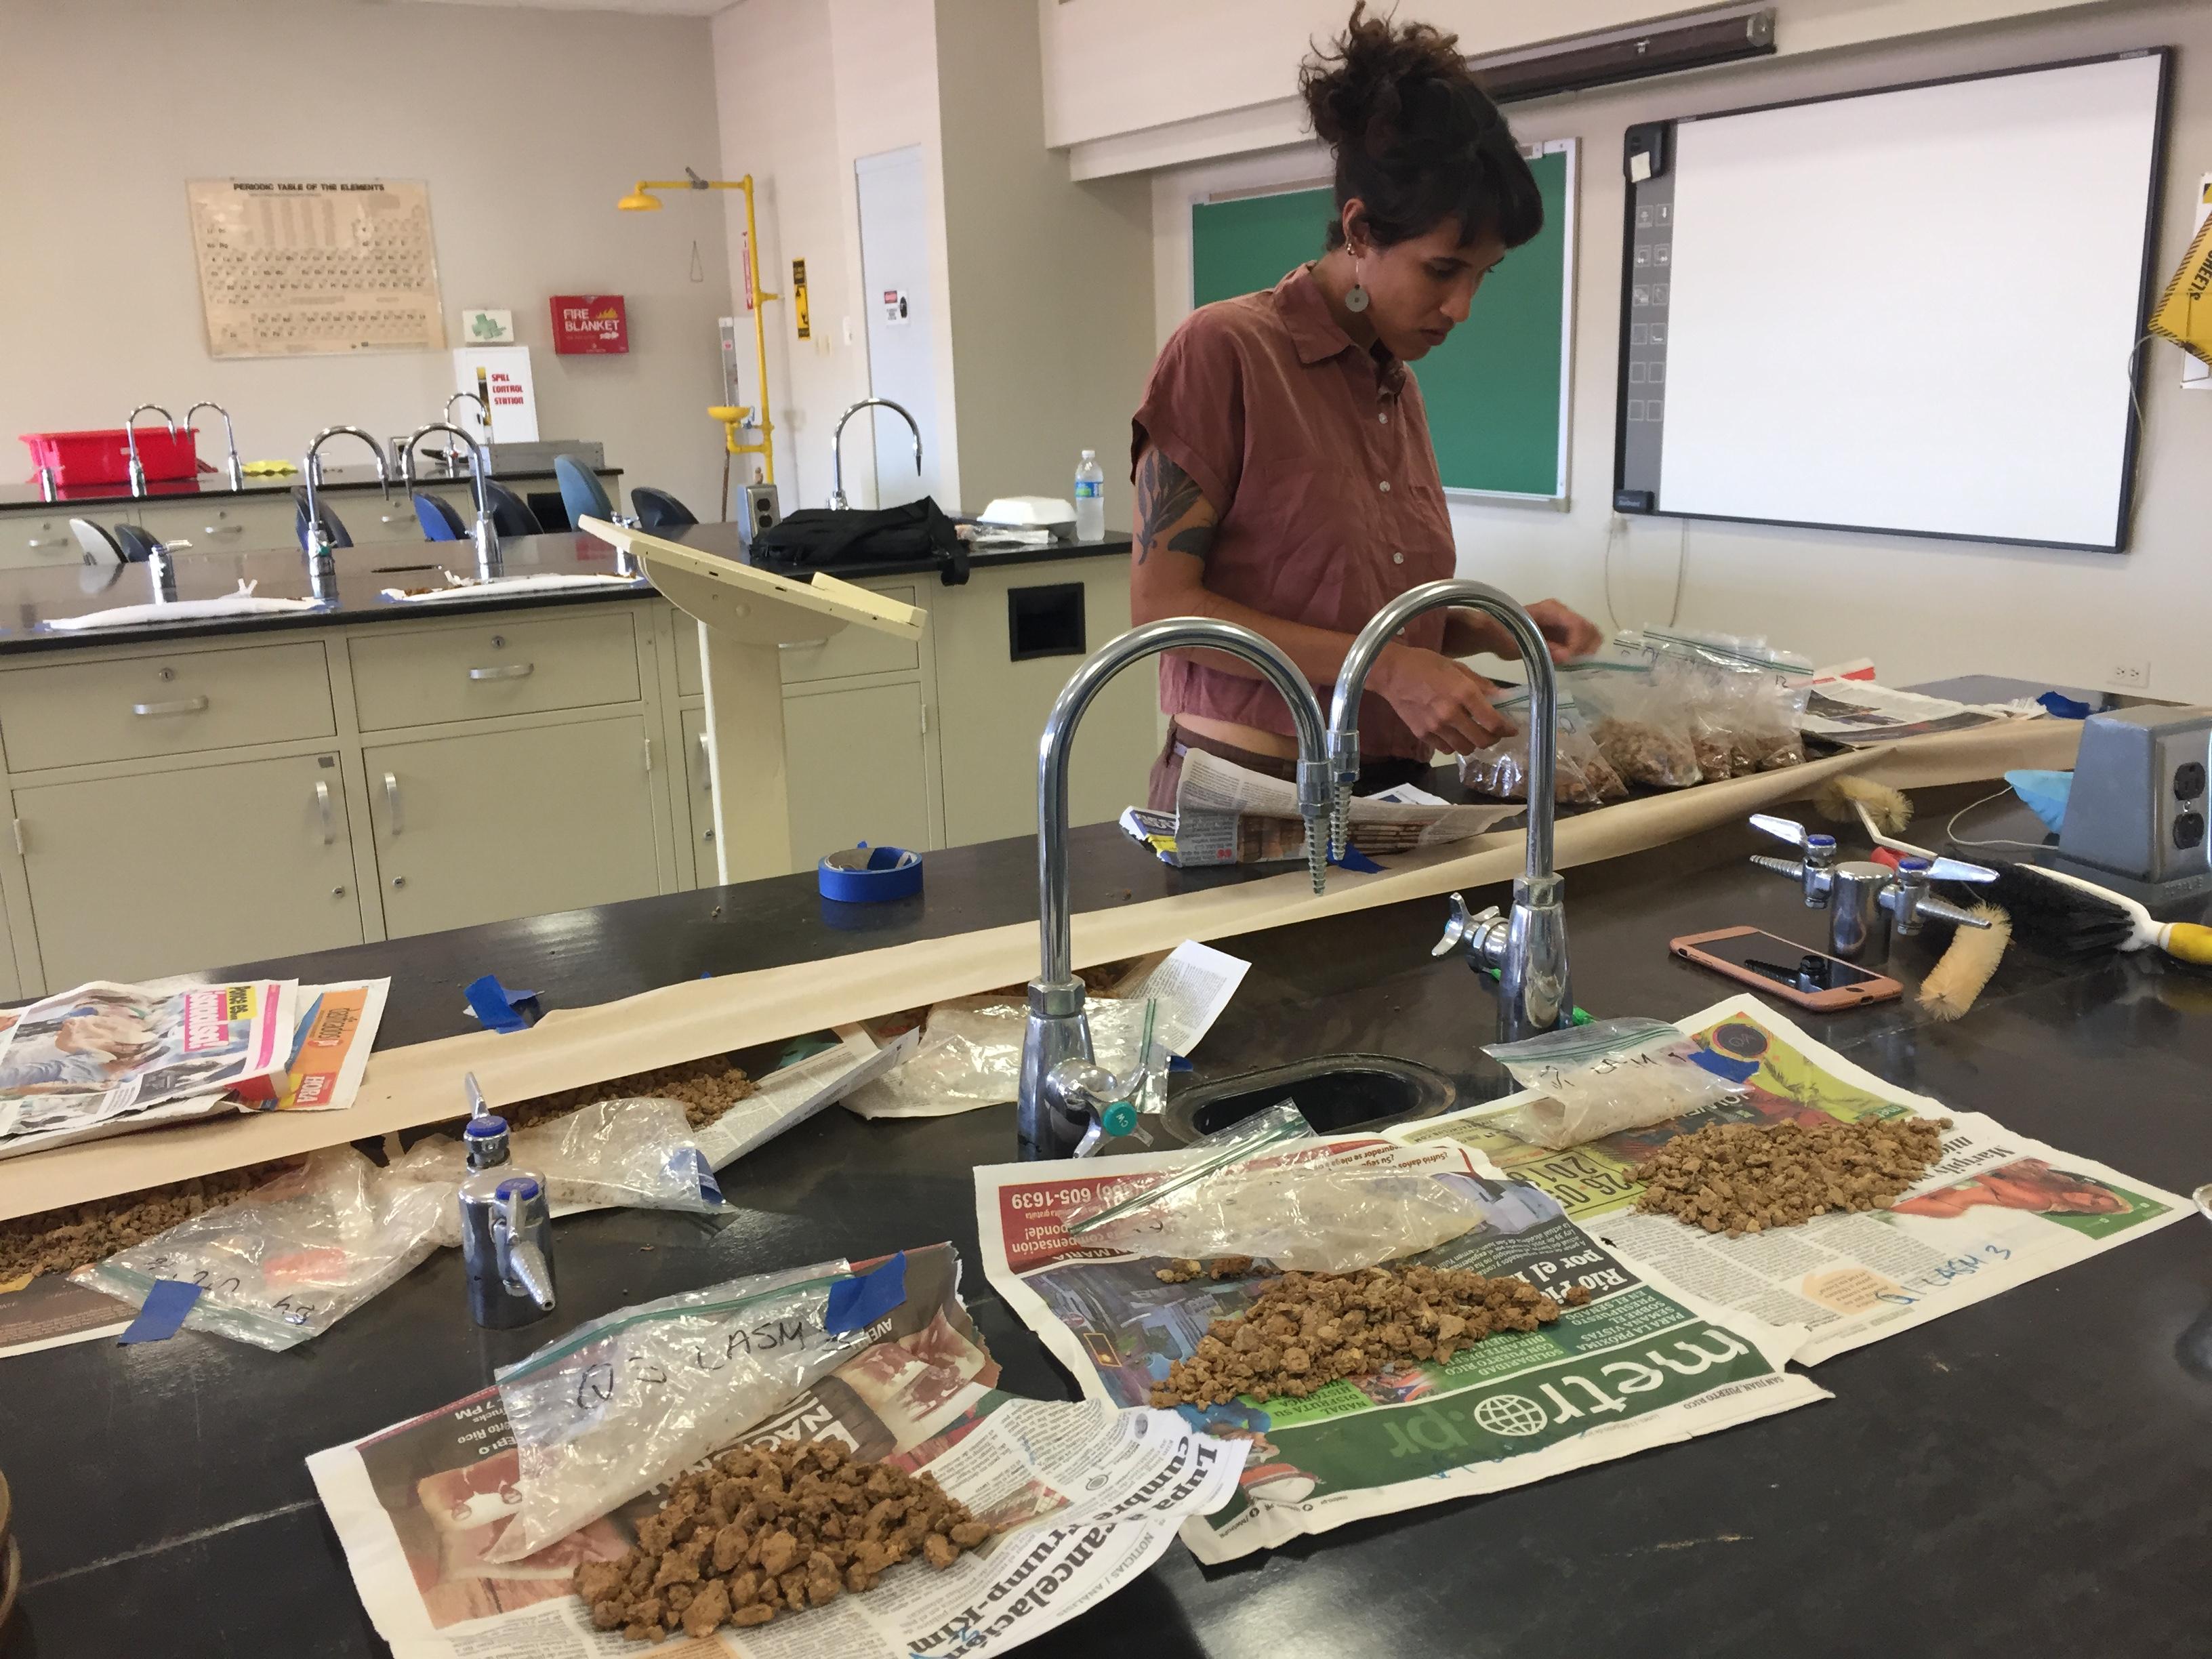 Karina Rodríguez, una estudiante de agricultura sostenible de la Universidad de Puerto Rico, Utuado, prepara muestras de suelo para su análisis. El suelo fue recolectado de una de las fincas de café que los profesores de U-M Ivette Perfecto y John Vandermeer están estudiando en la isla.